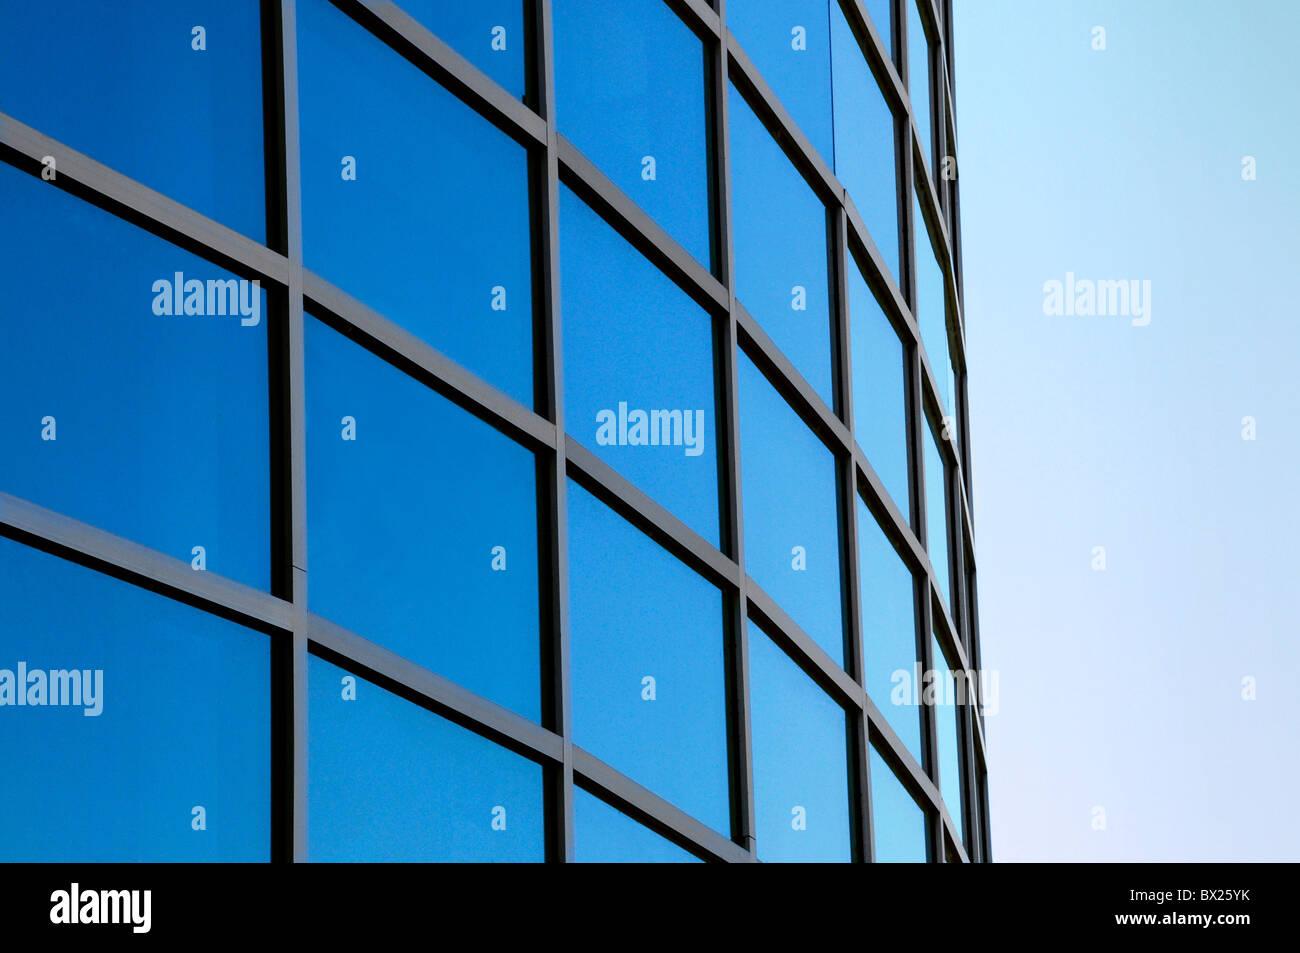 Panneaux des fenêtres extérieures d'un immeuble de bureaux commerciaux reflétant un ciel bleu Photo Stock